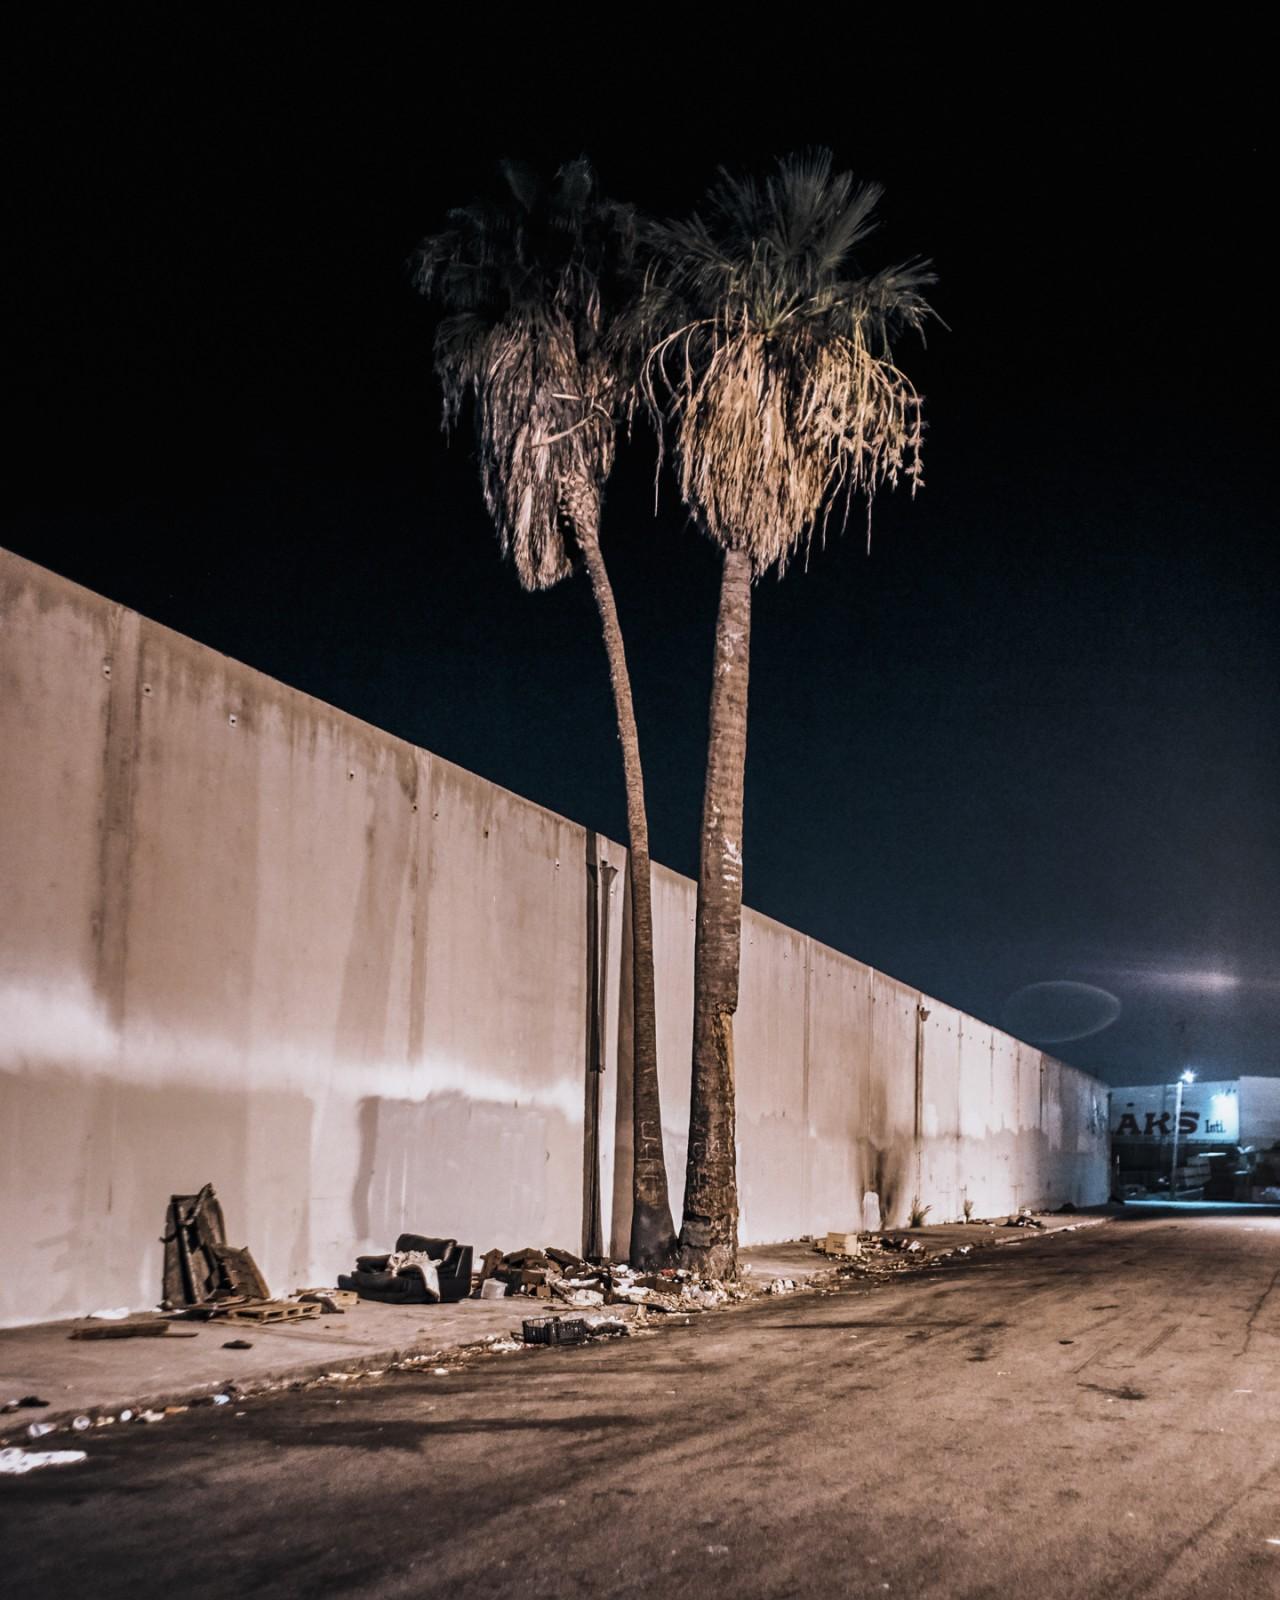 Lennart Ritscher Nocturnal L.A.